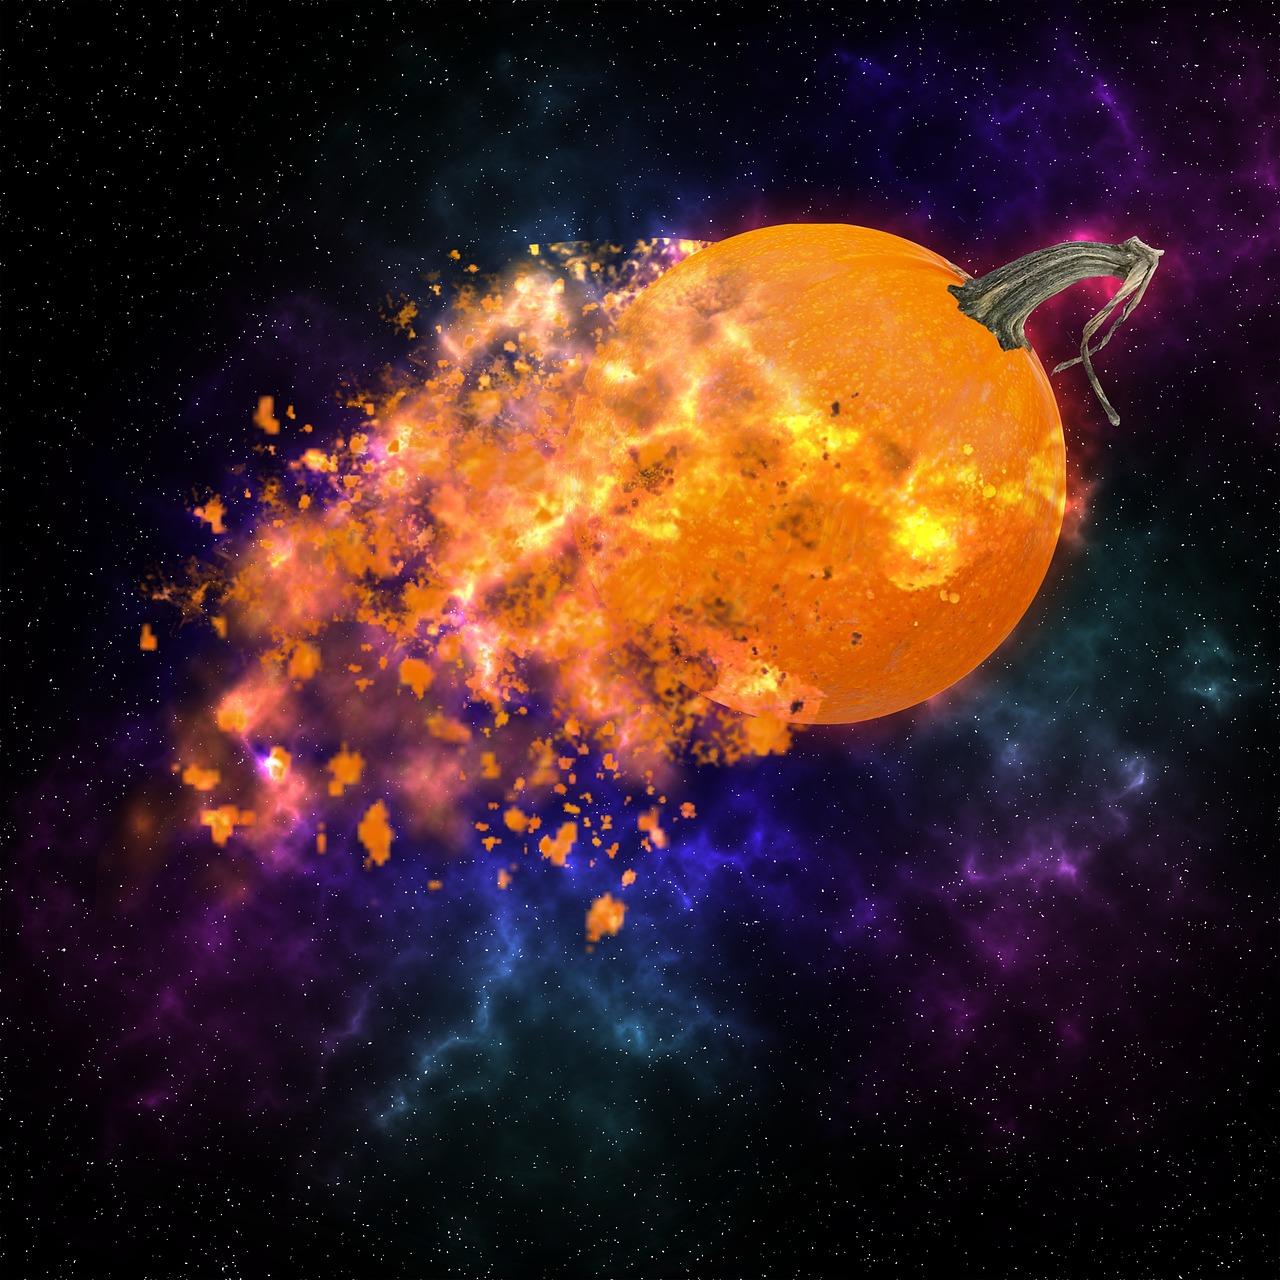 pumpkin-3771100_1280.jpg